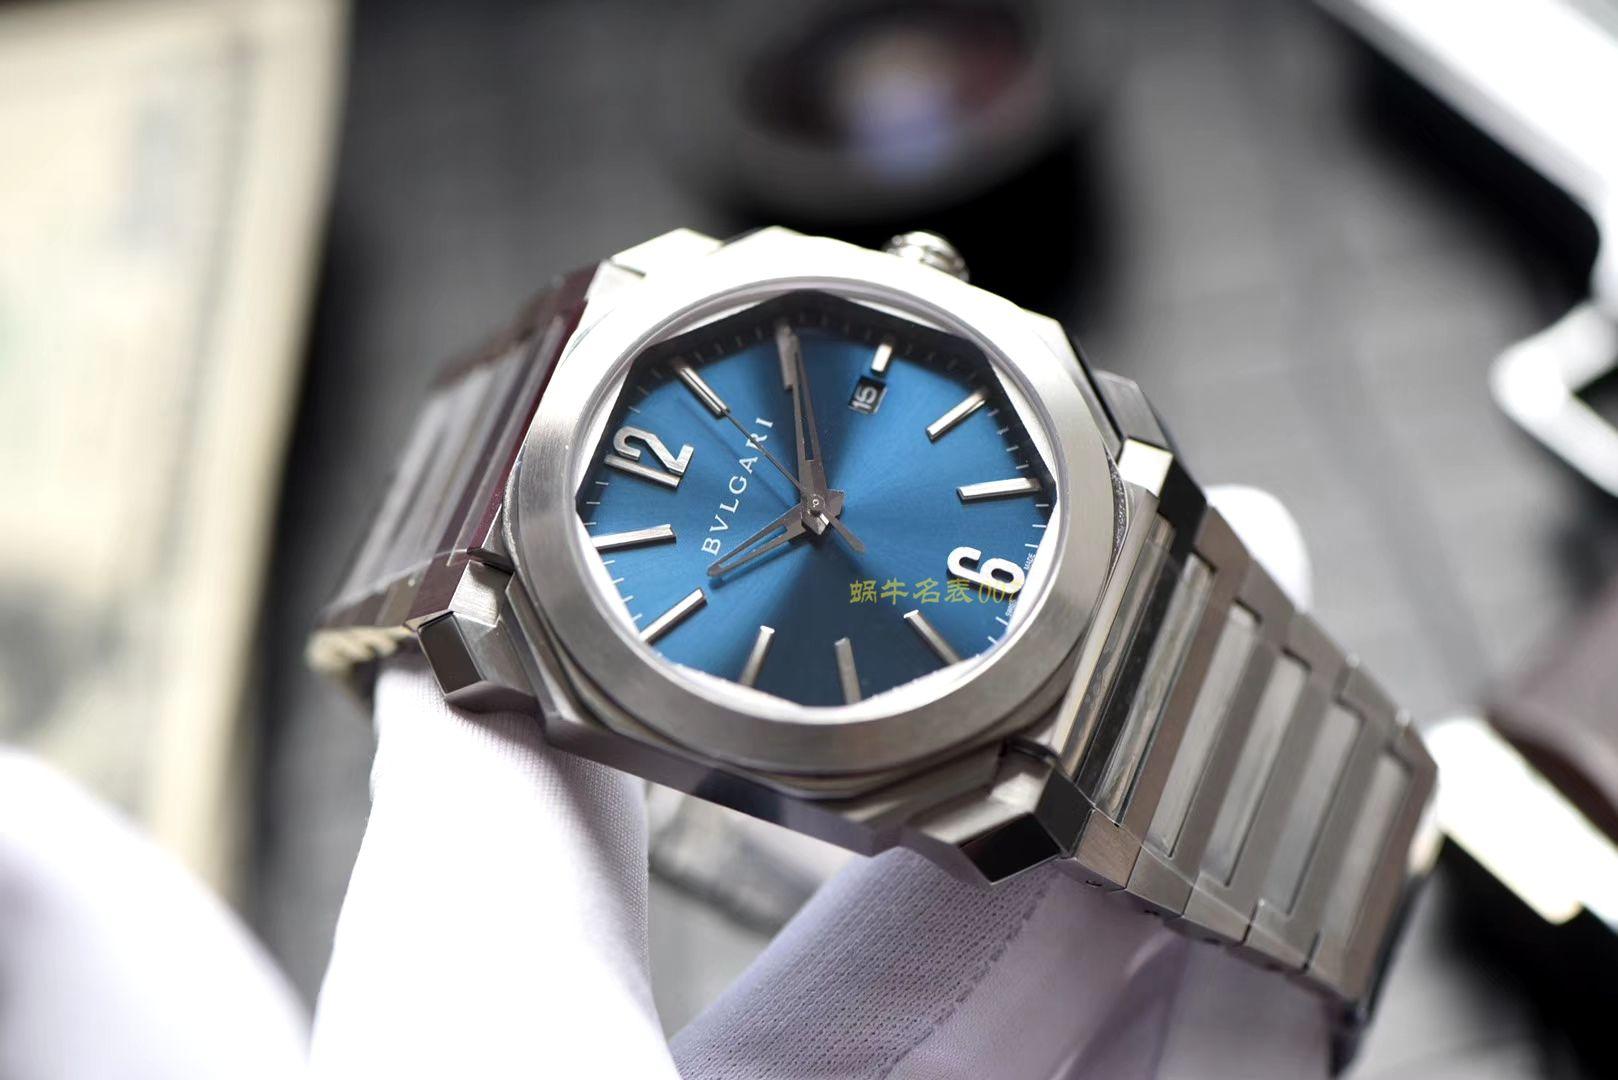 宝格丽OCTO系列102856腕表,宝格丽OCTO系列102105 BGO38C3SSD腕表【台湾厂1:1精仿手表】 / BG027